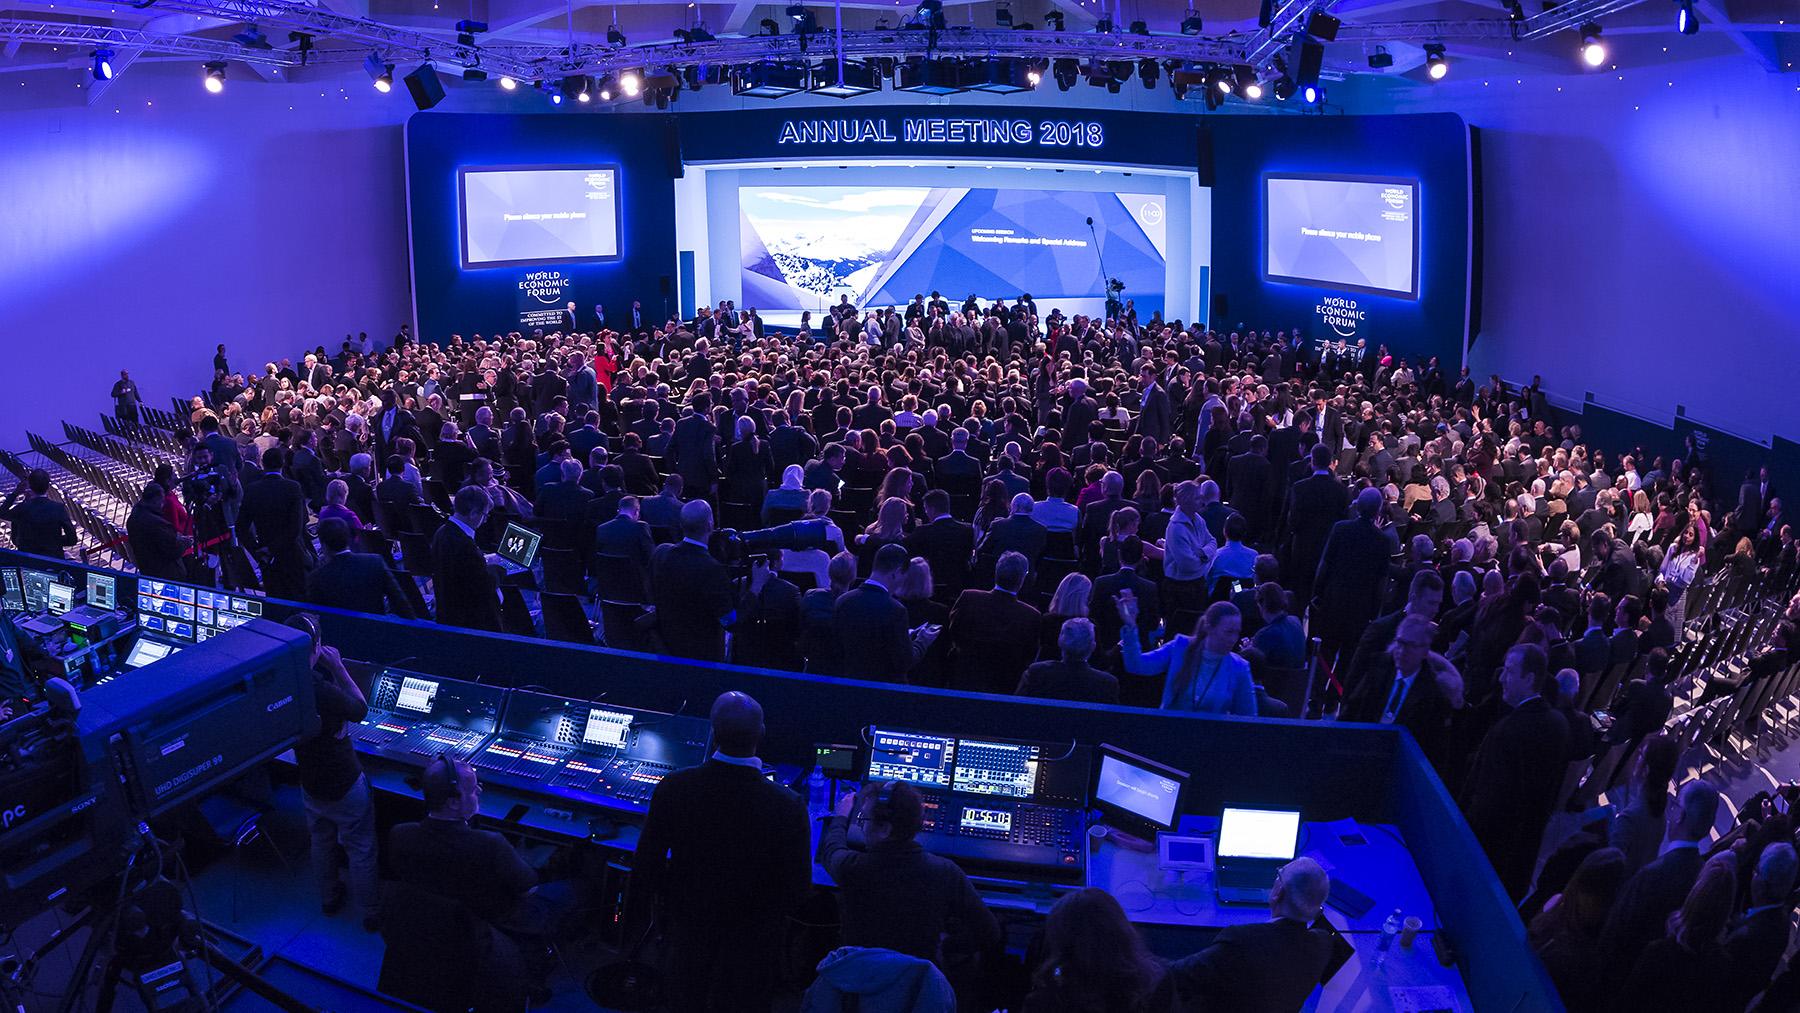 Veranstaltungsraum auf dem Weltwirtschaftsforum in Davos 2018